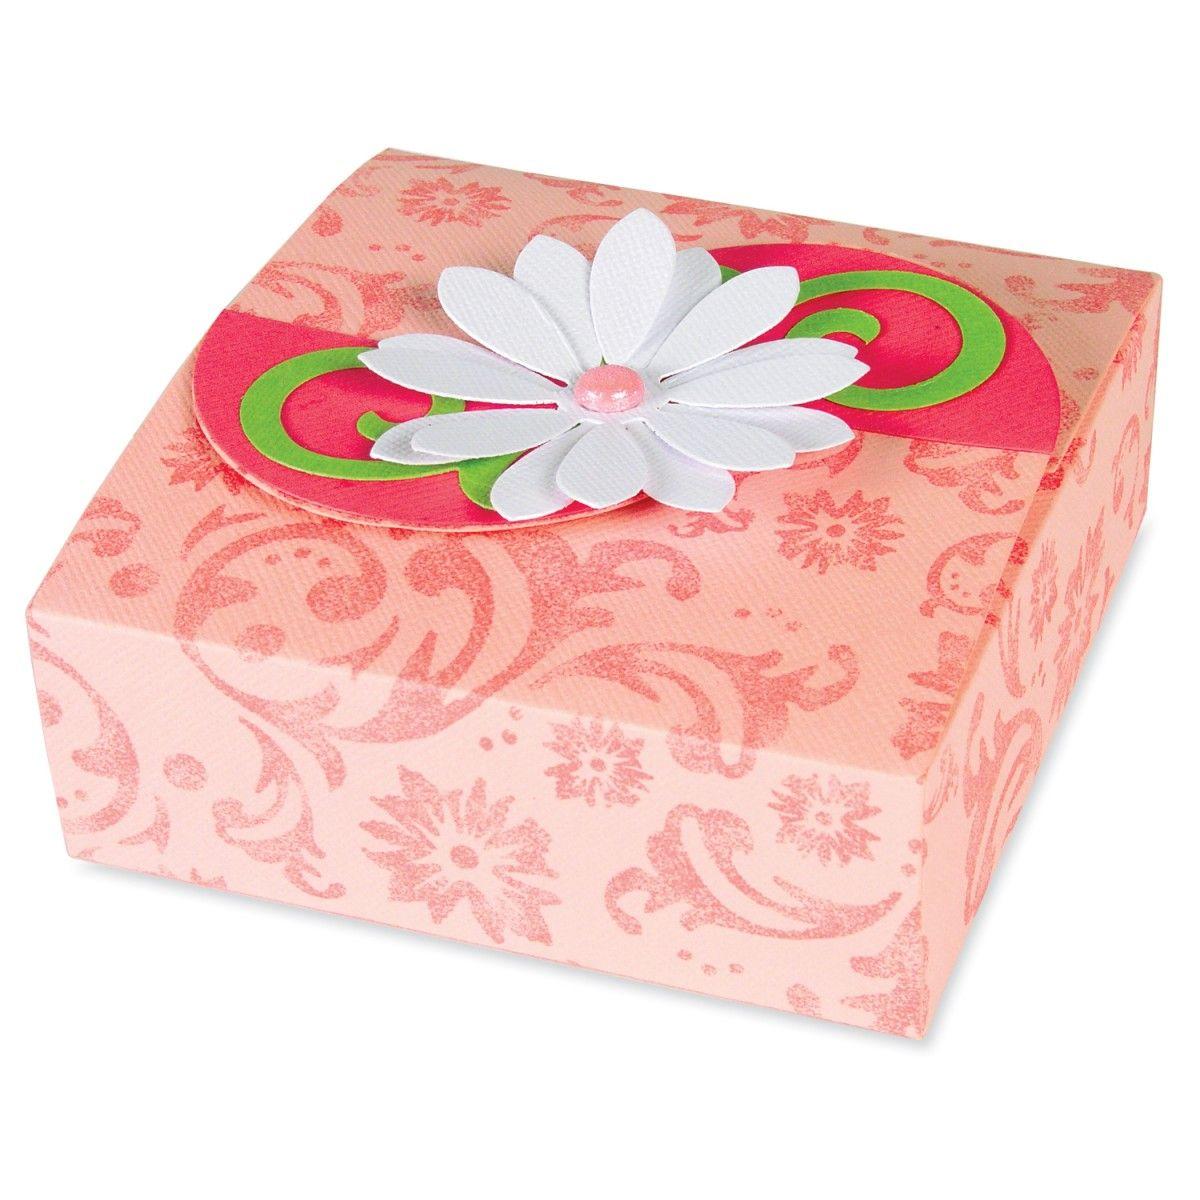 Box #1 Steel-Rule Die | AccuCut Craft | cajas para imprimirlo ...